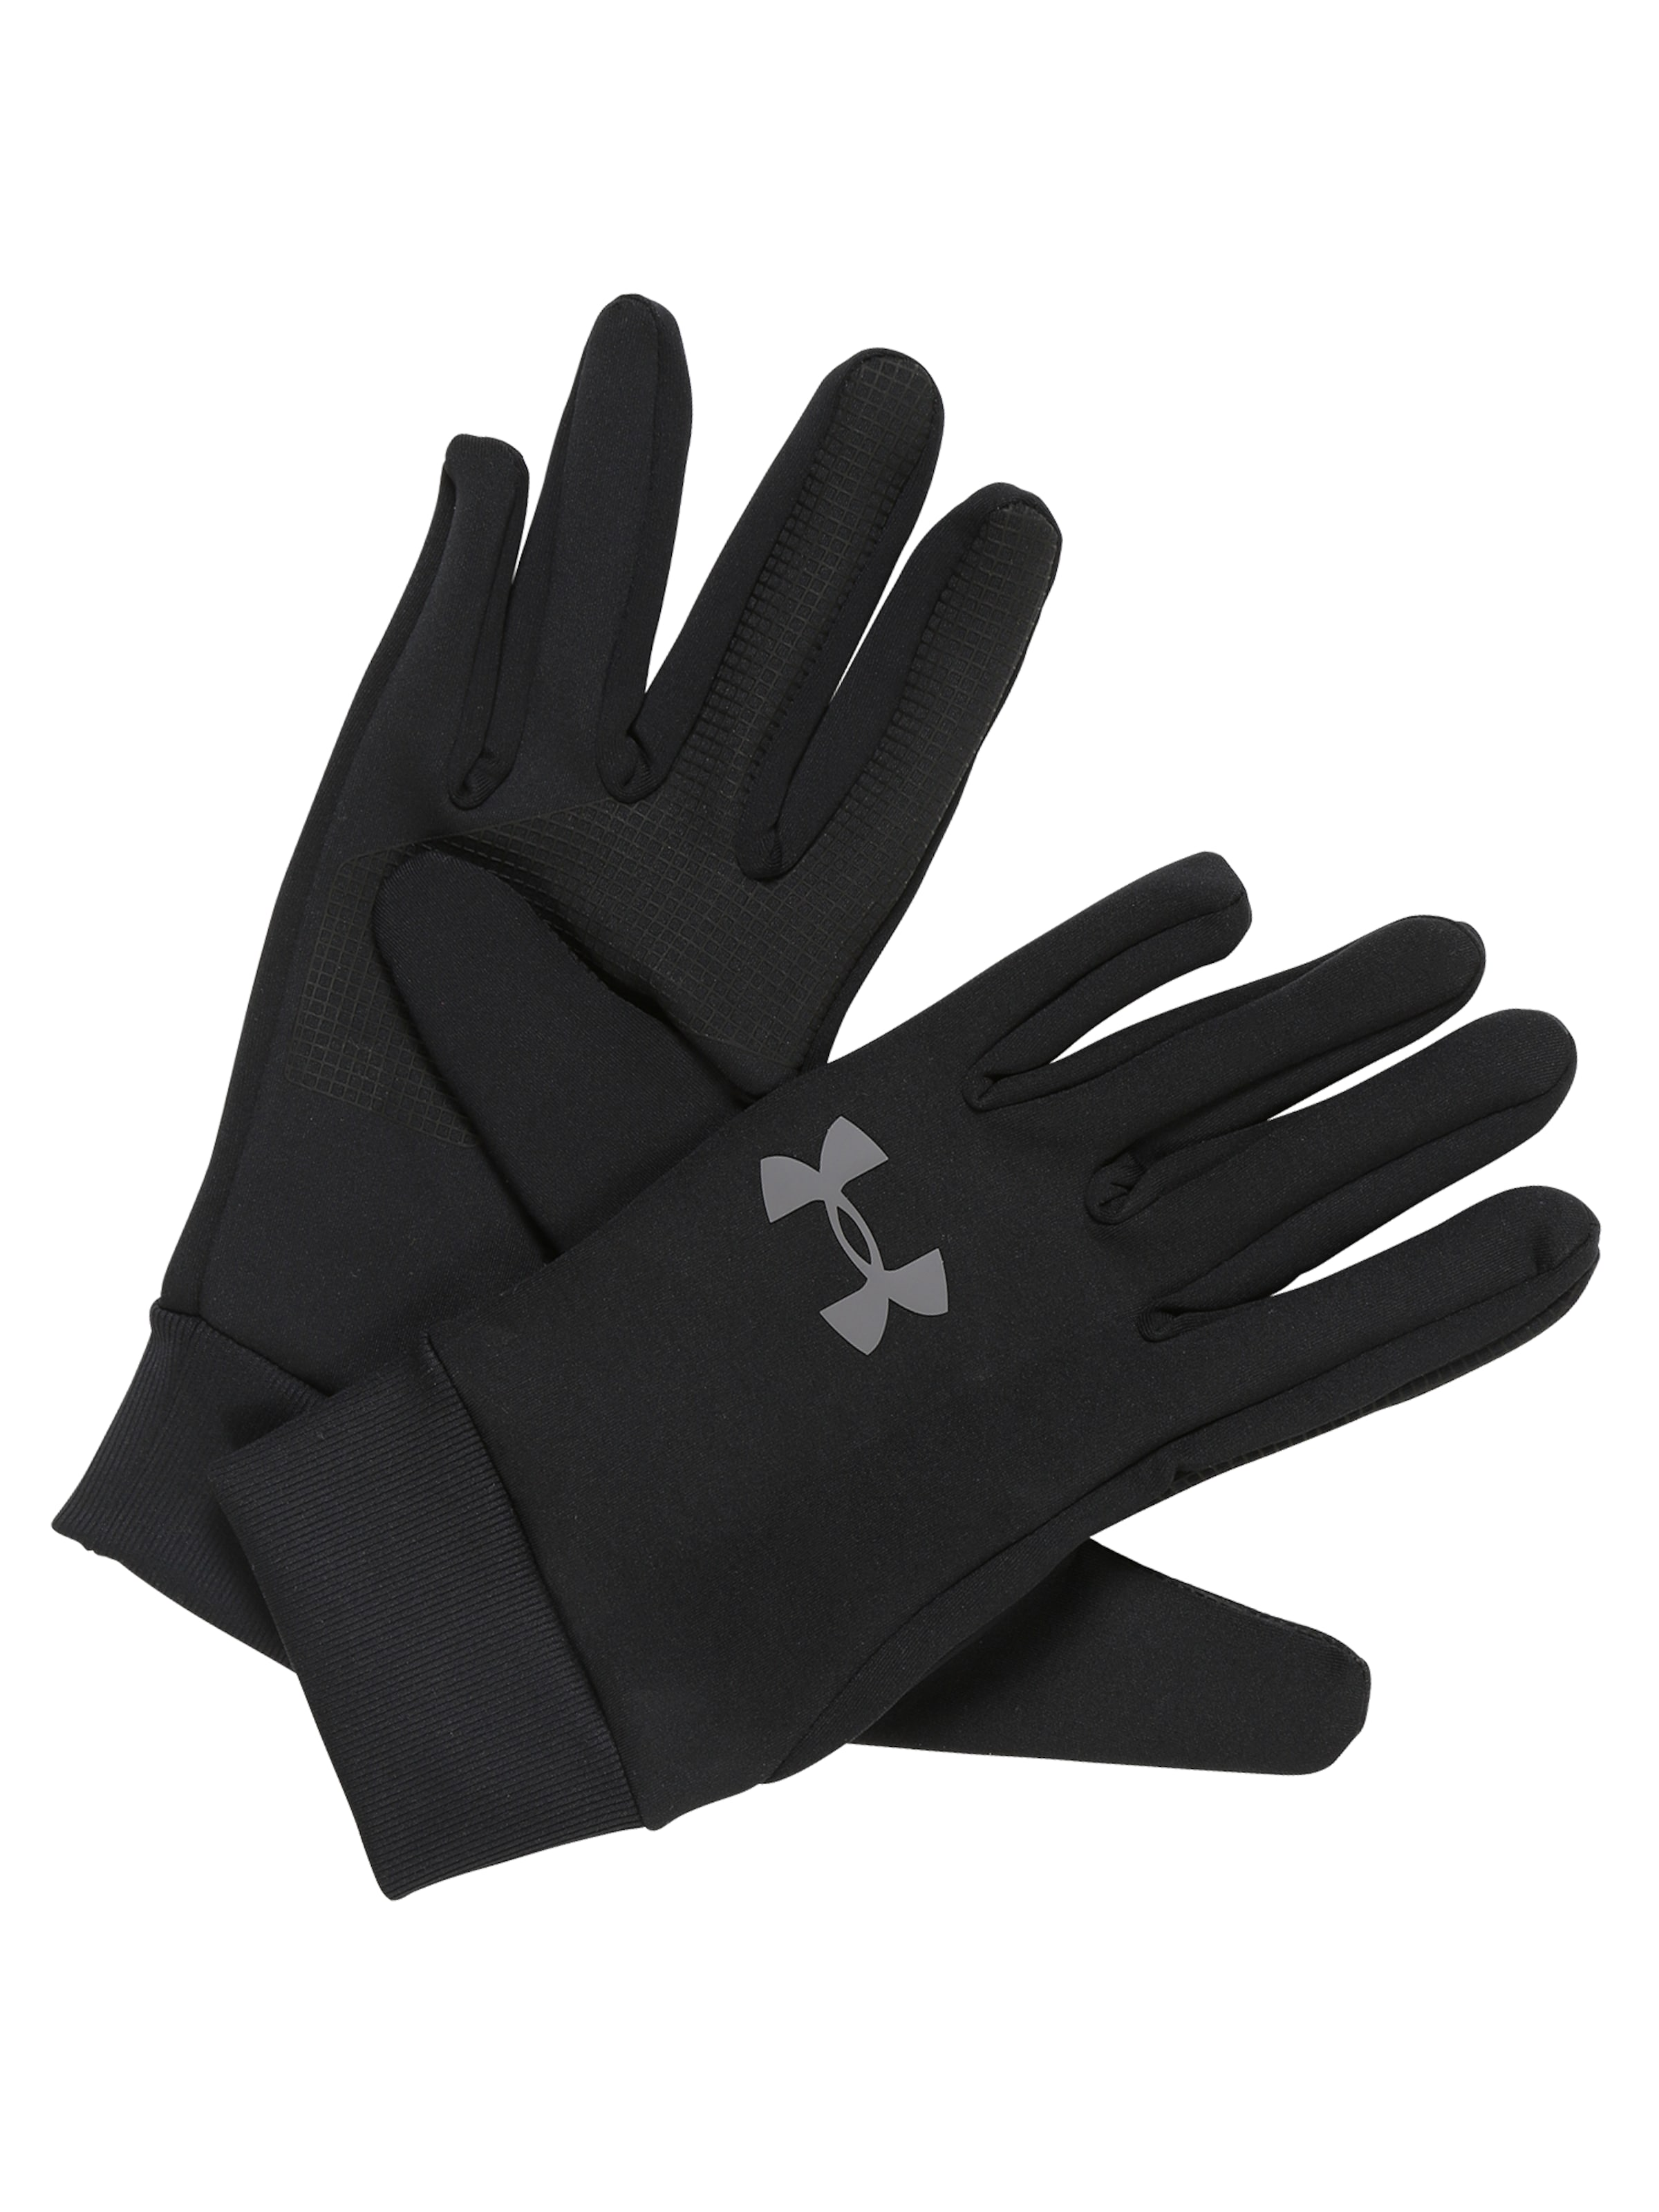 In DunkelgrauSchwarz Handschuhe Under Armour Under Armour IE9DHW2